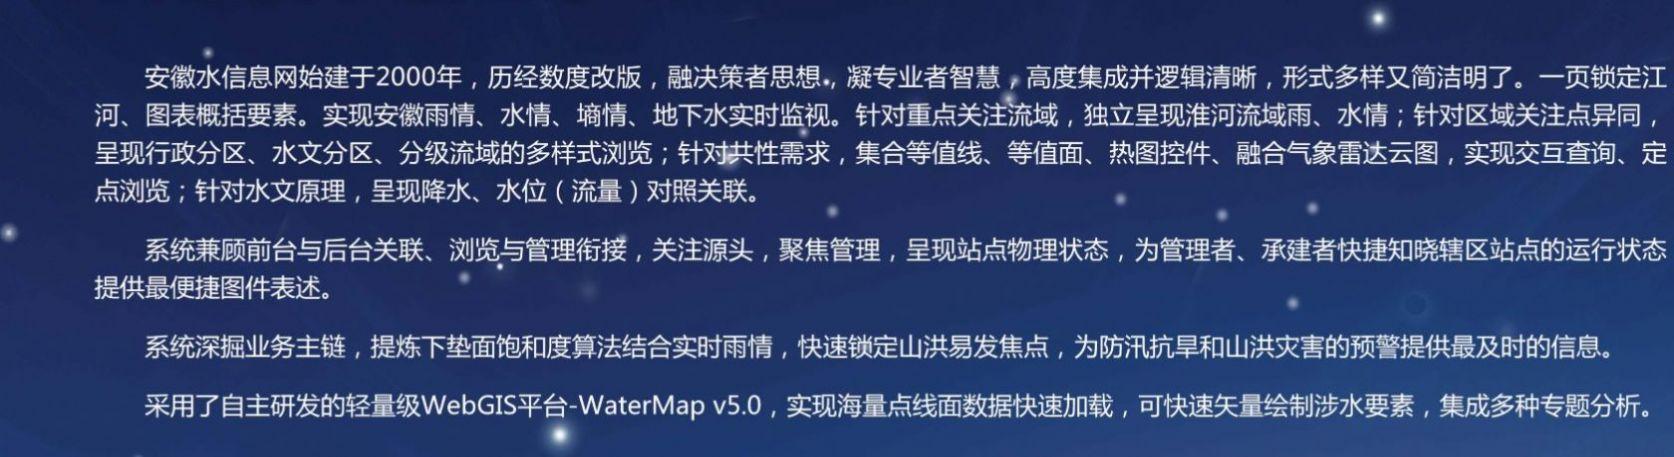 最新淮河今日水位安卓版软件图3: